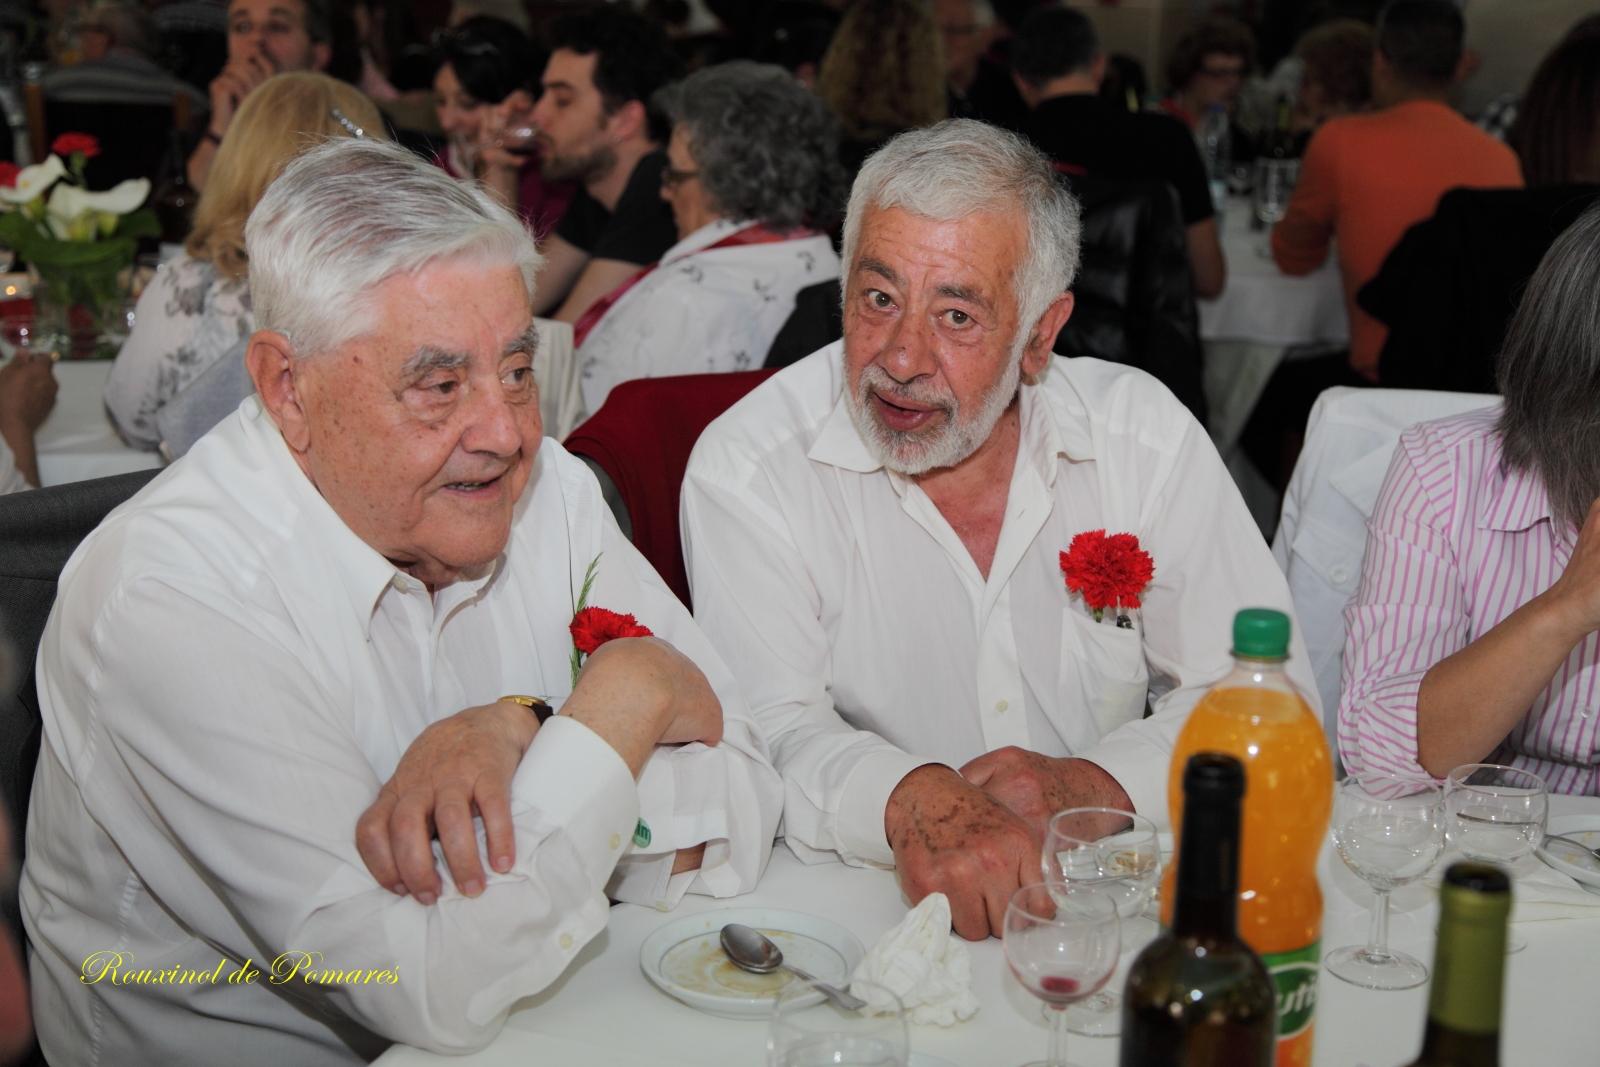 Almoço Comemoração 95 Anos Sociedade  (29)